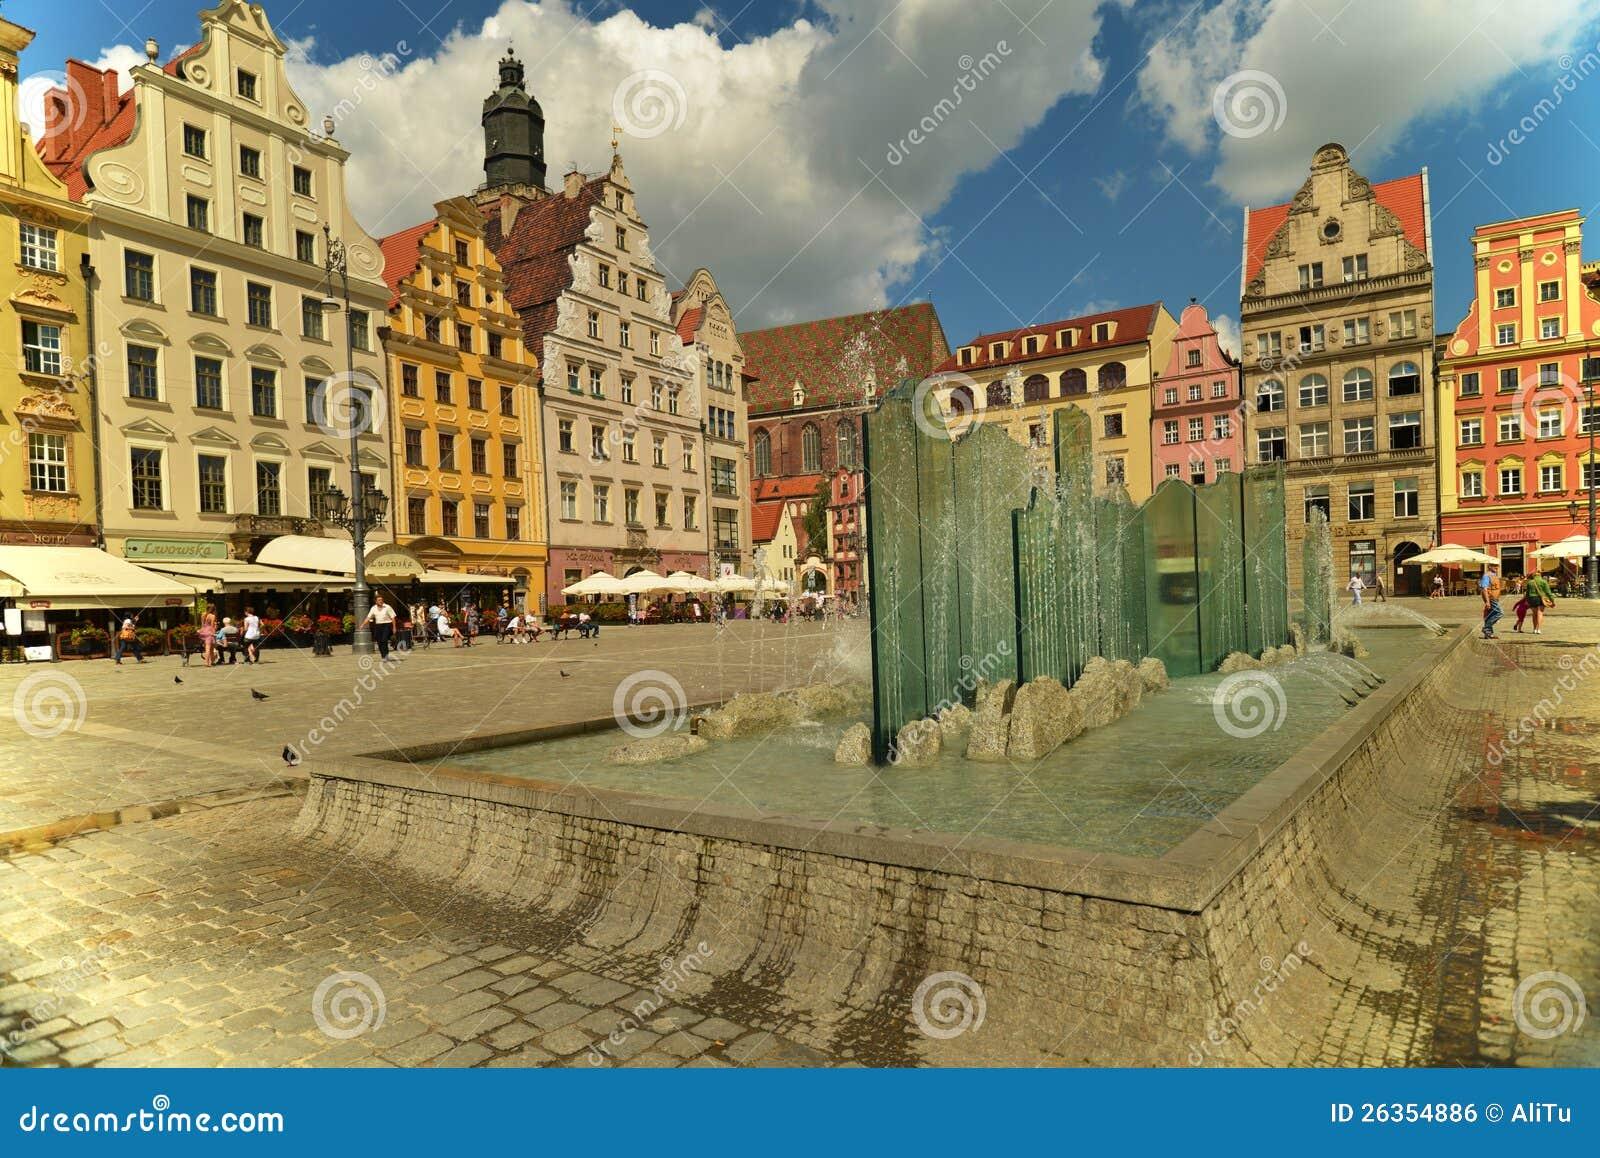 Wroclaw - Glasbrunnen